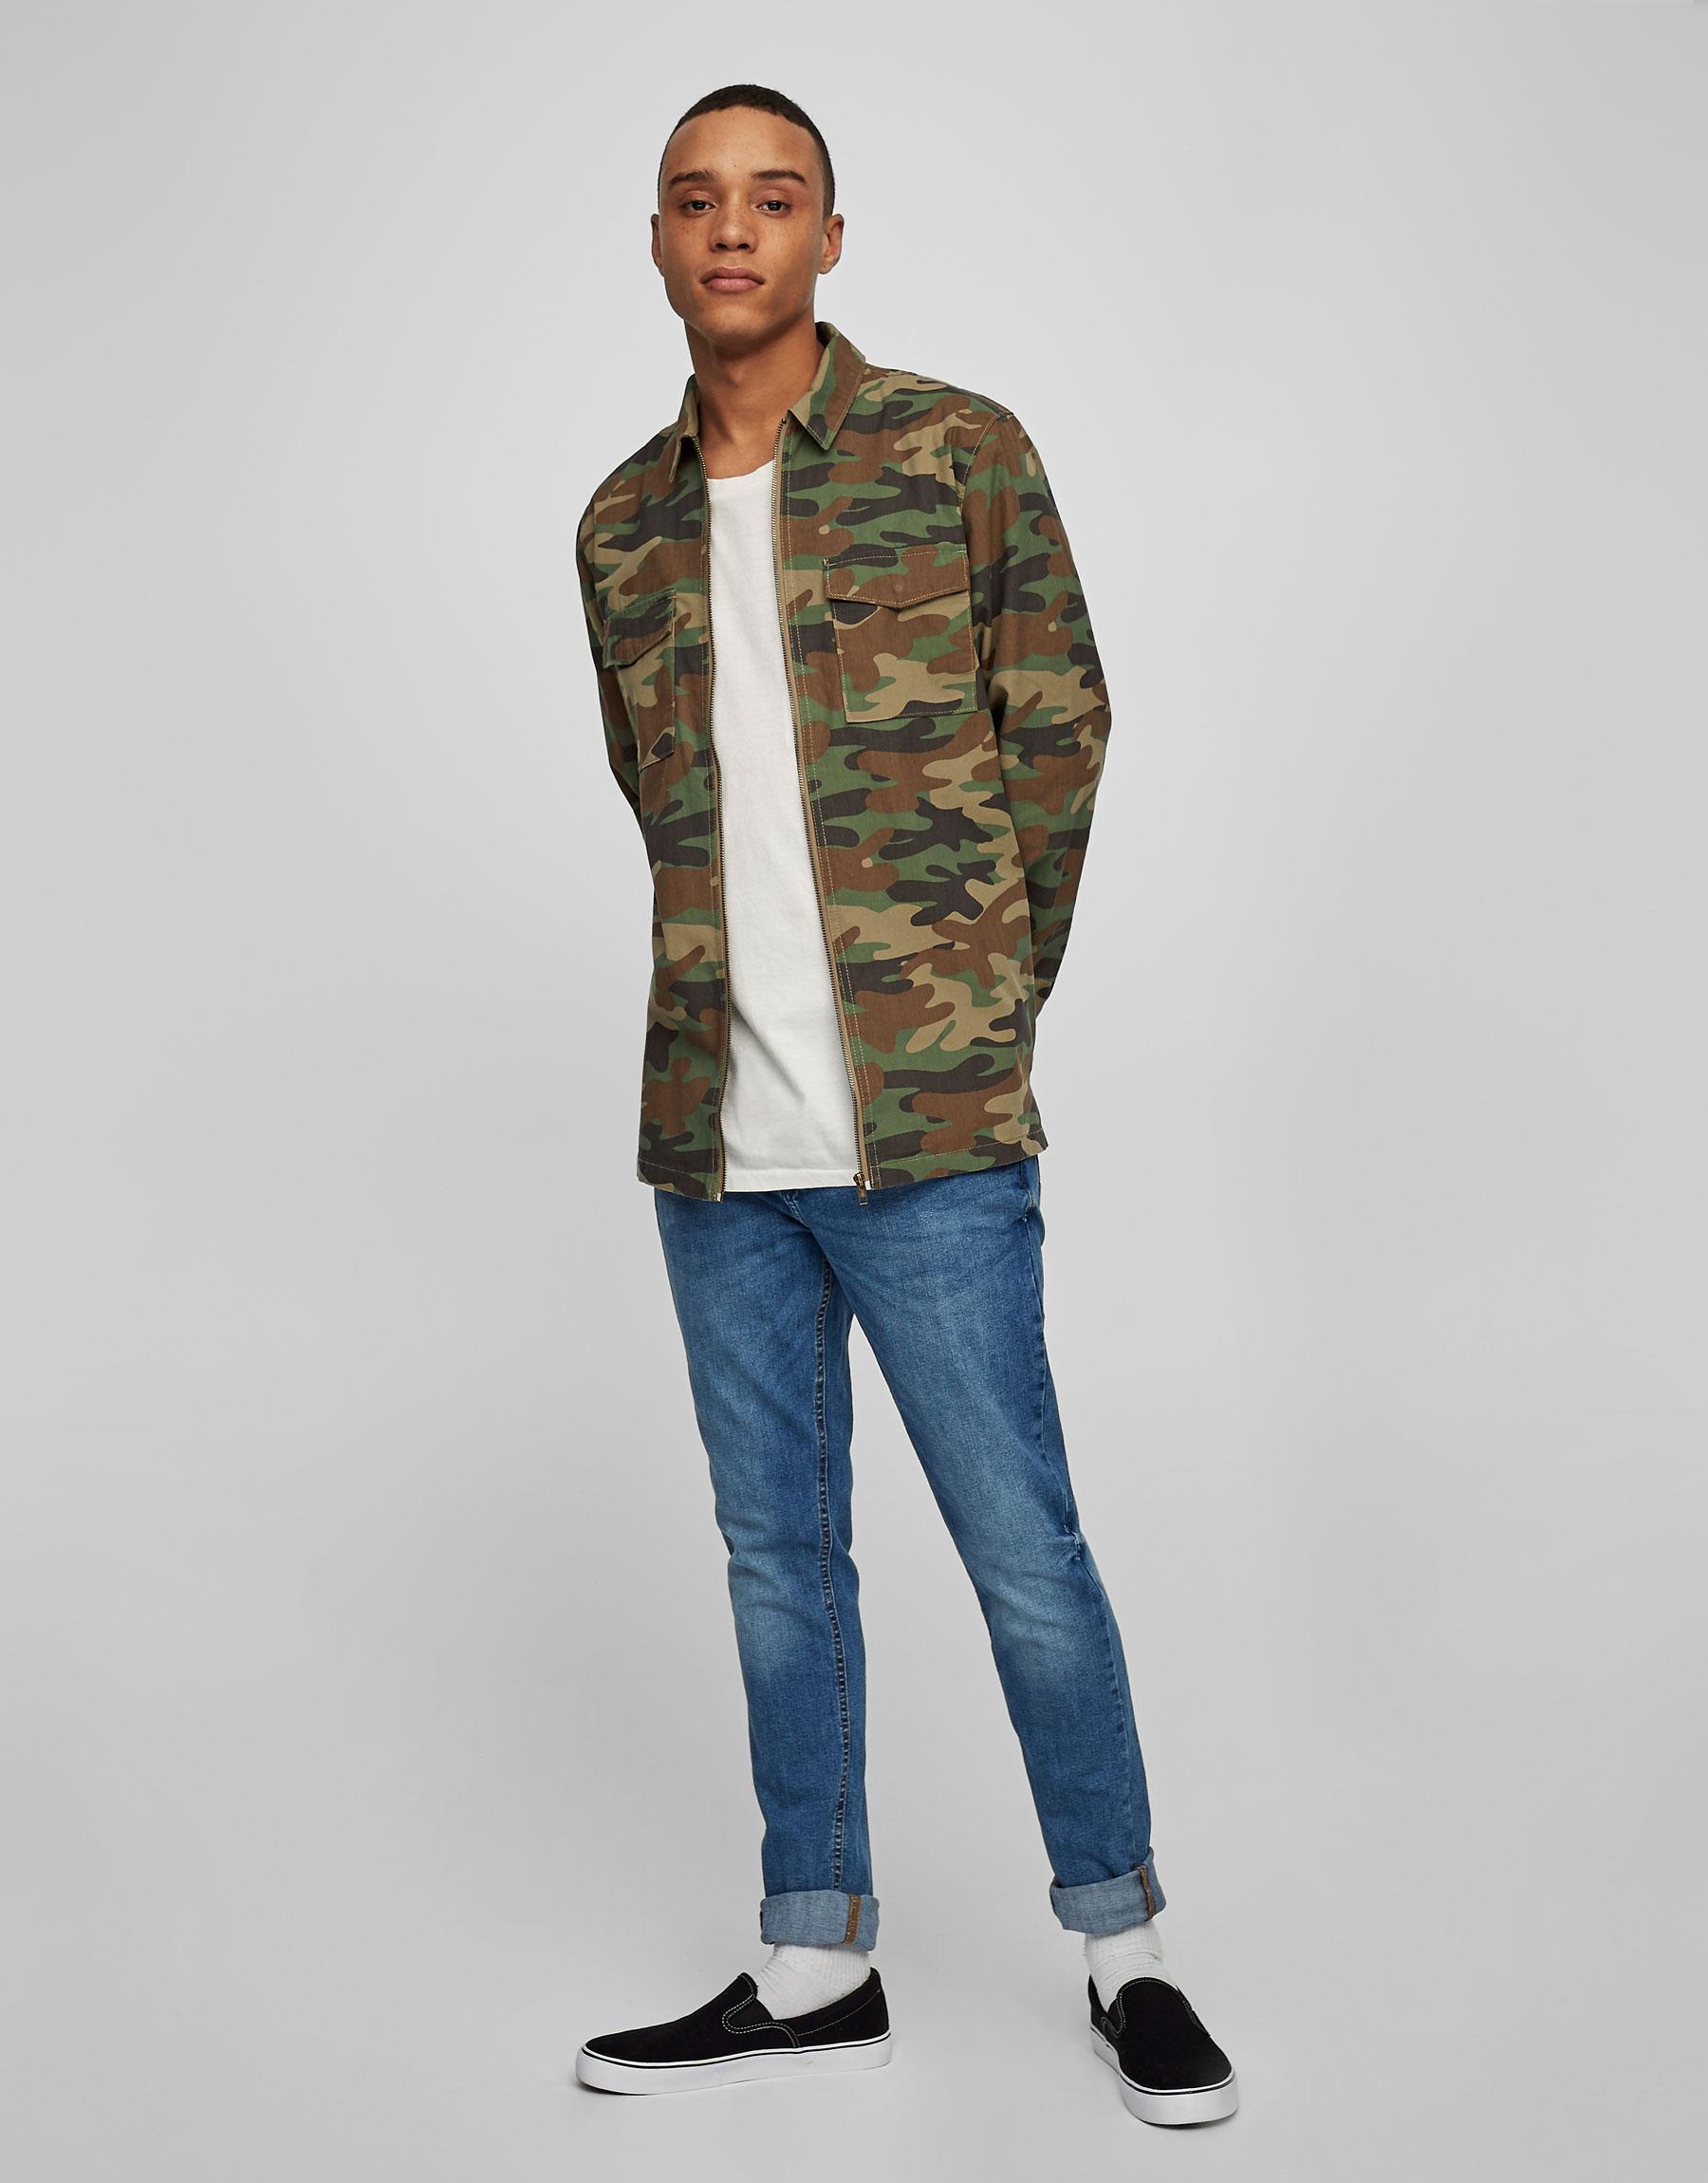 Zipped camouflage overshirt